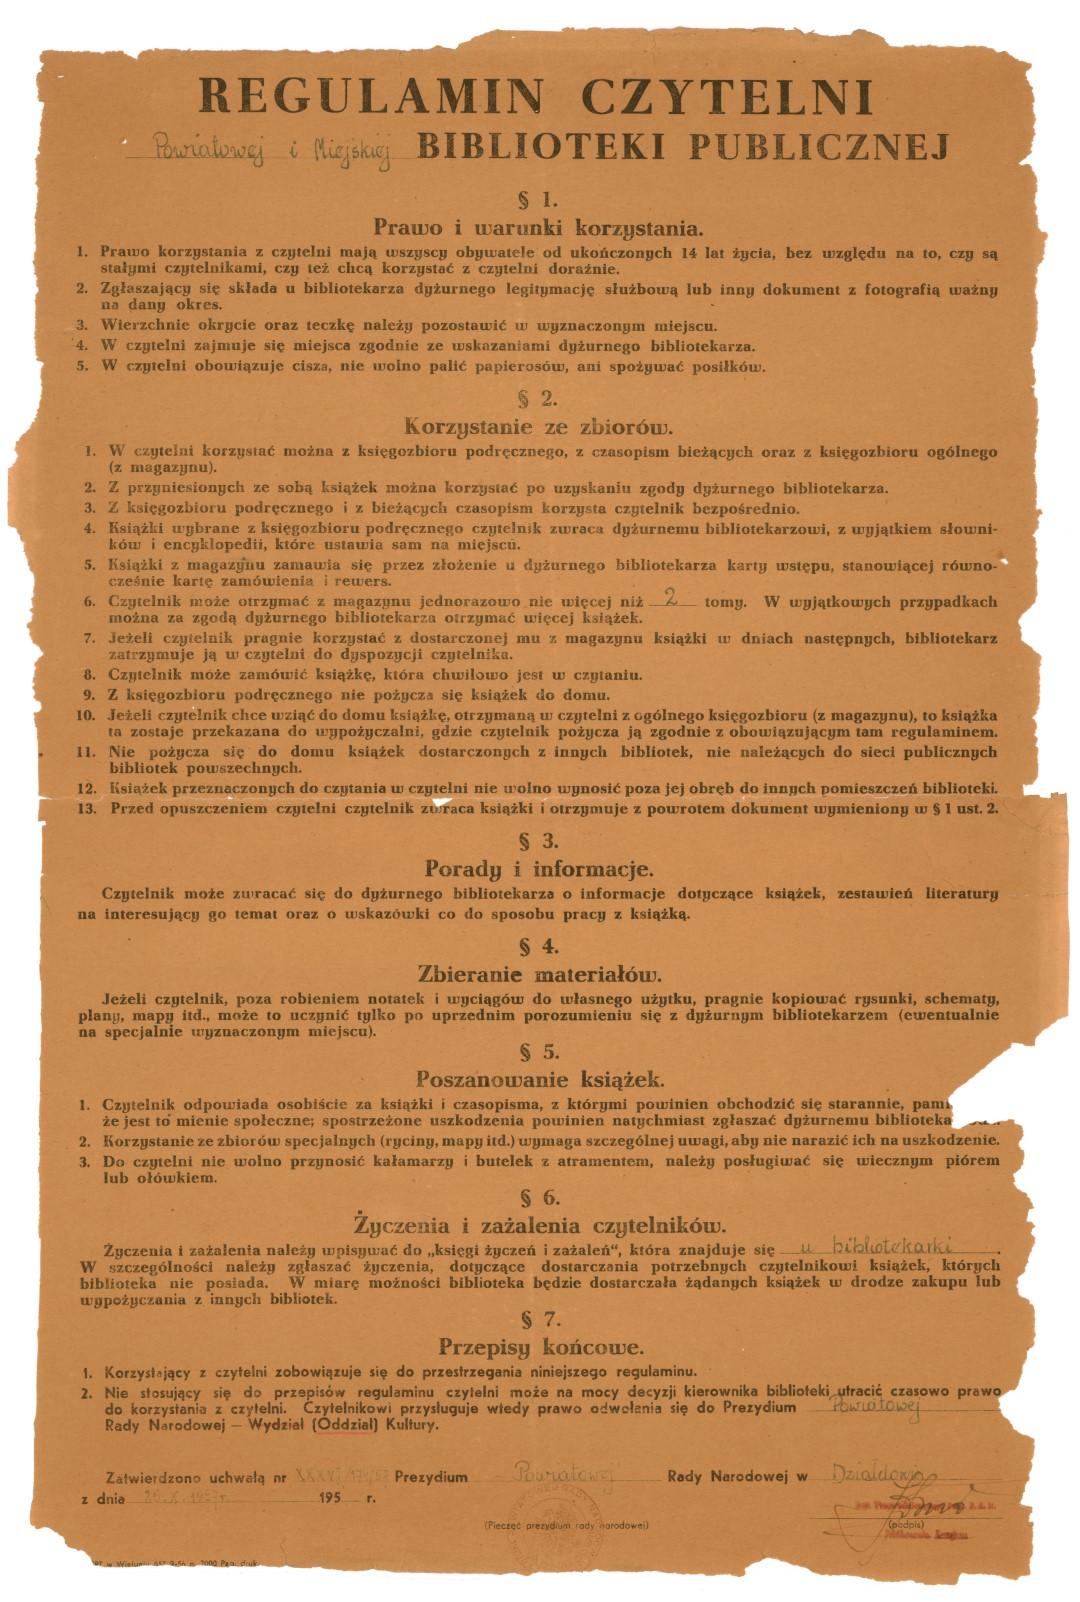 Regulamin Powiatowej i Miejskiej Biblioteki Publicznej w Działdowie z 1957 roku